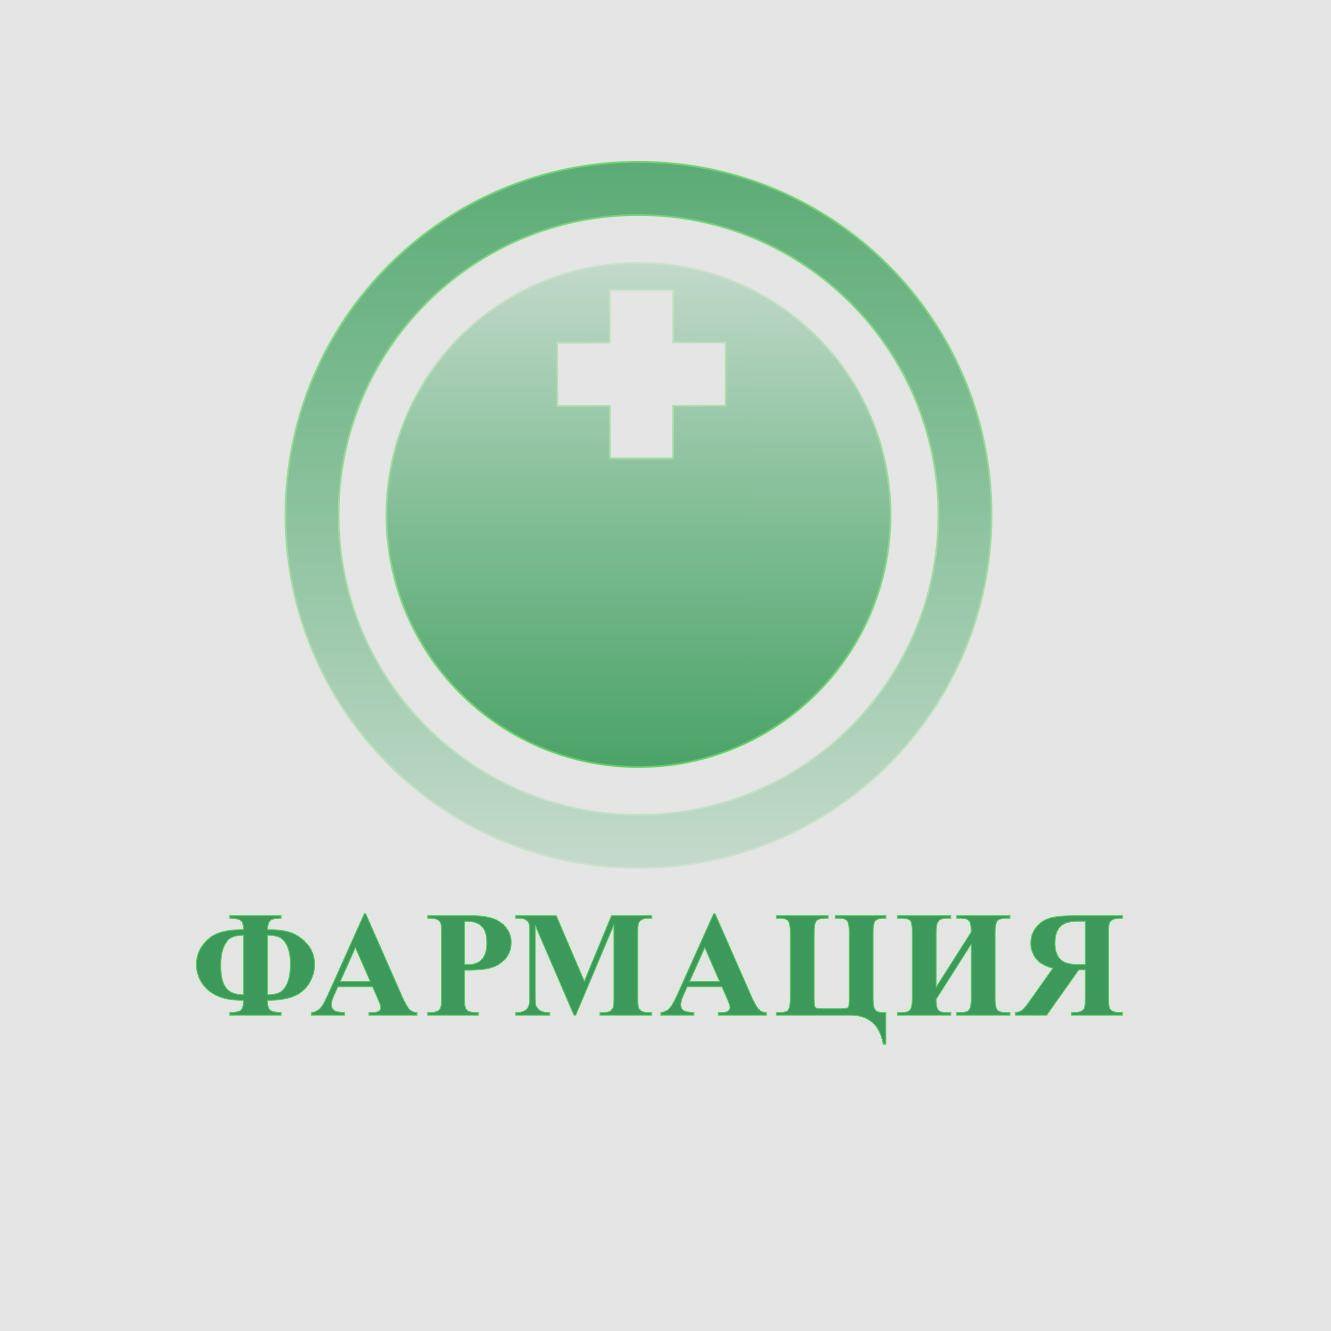 Логотип для государственной аптеки - дизайнер Marina-ZMX